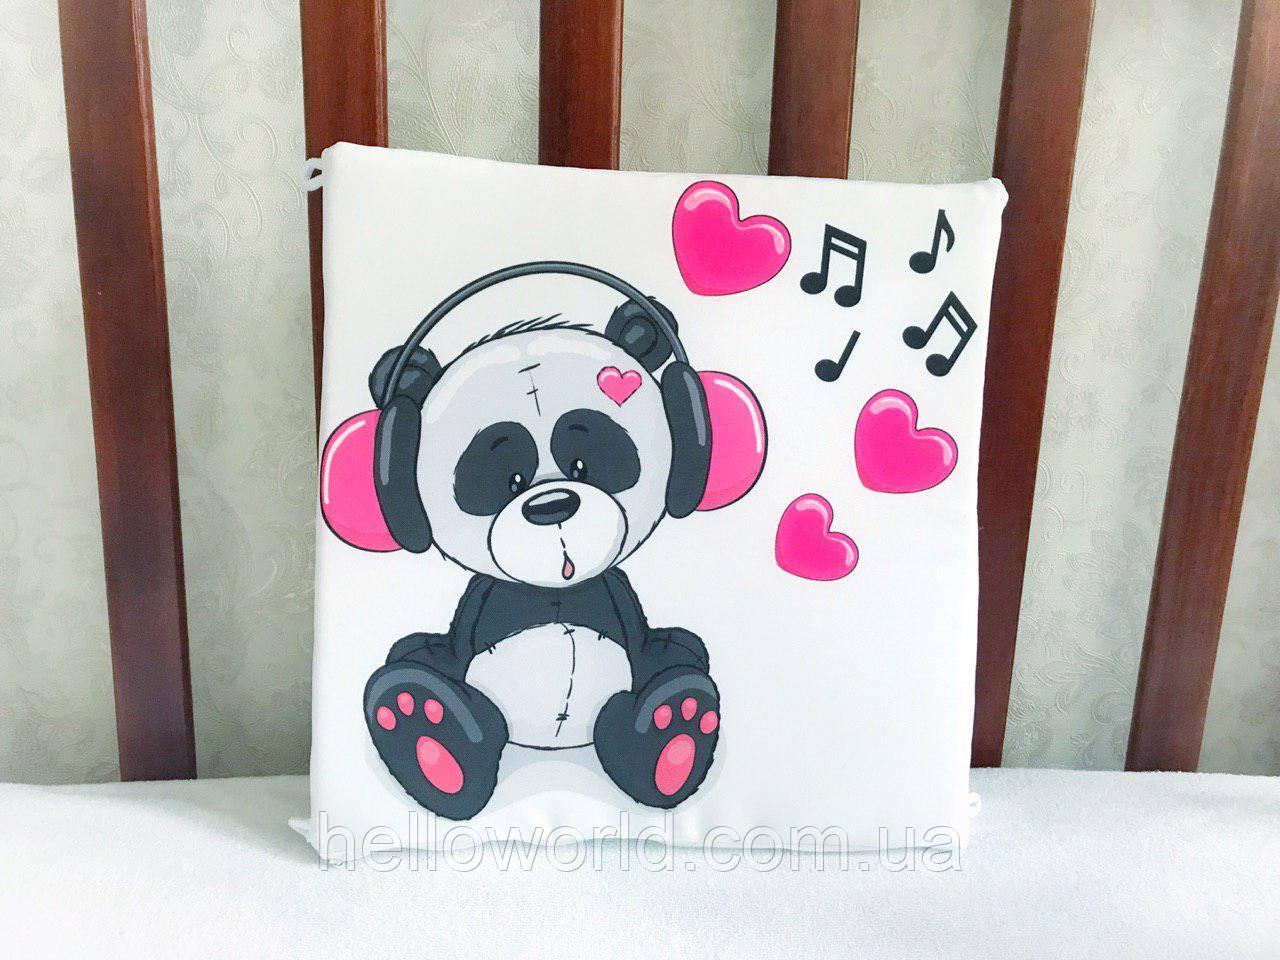 Бортик Панда с розовыми наушниками